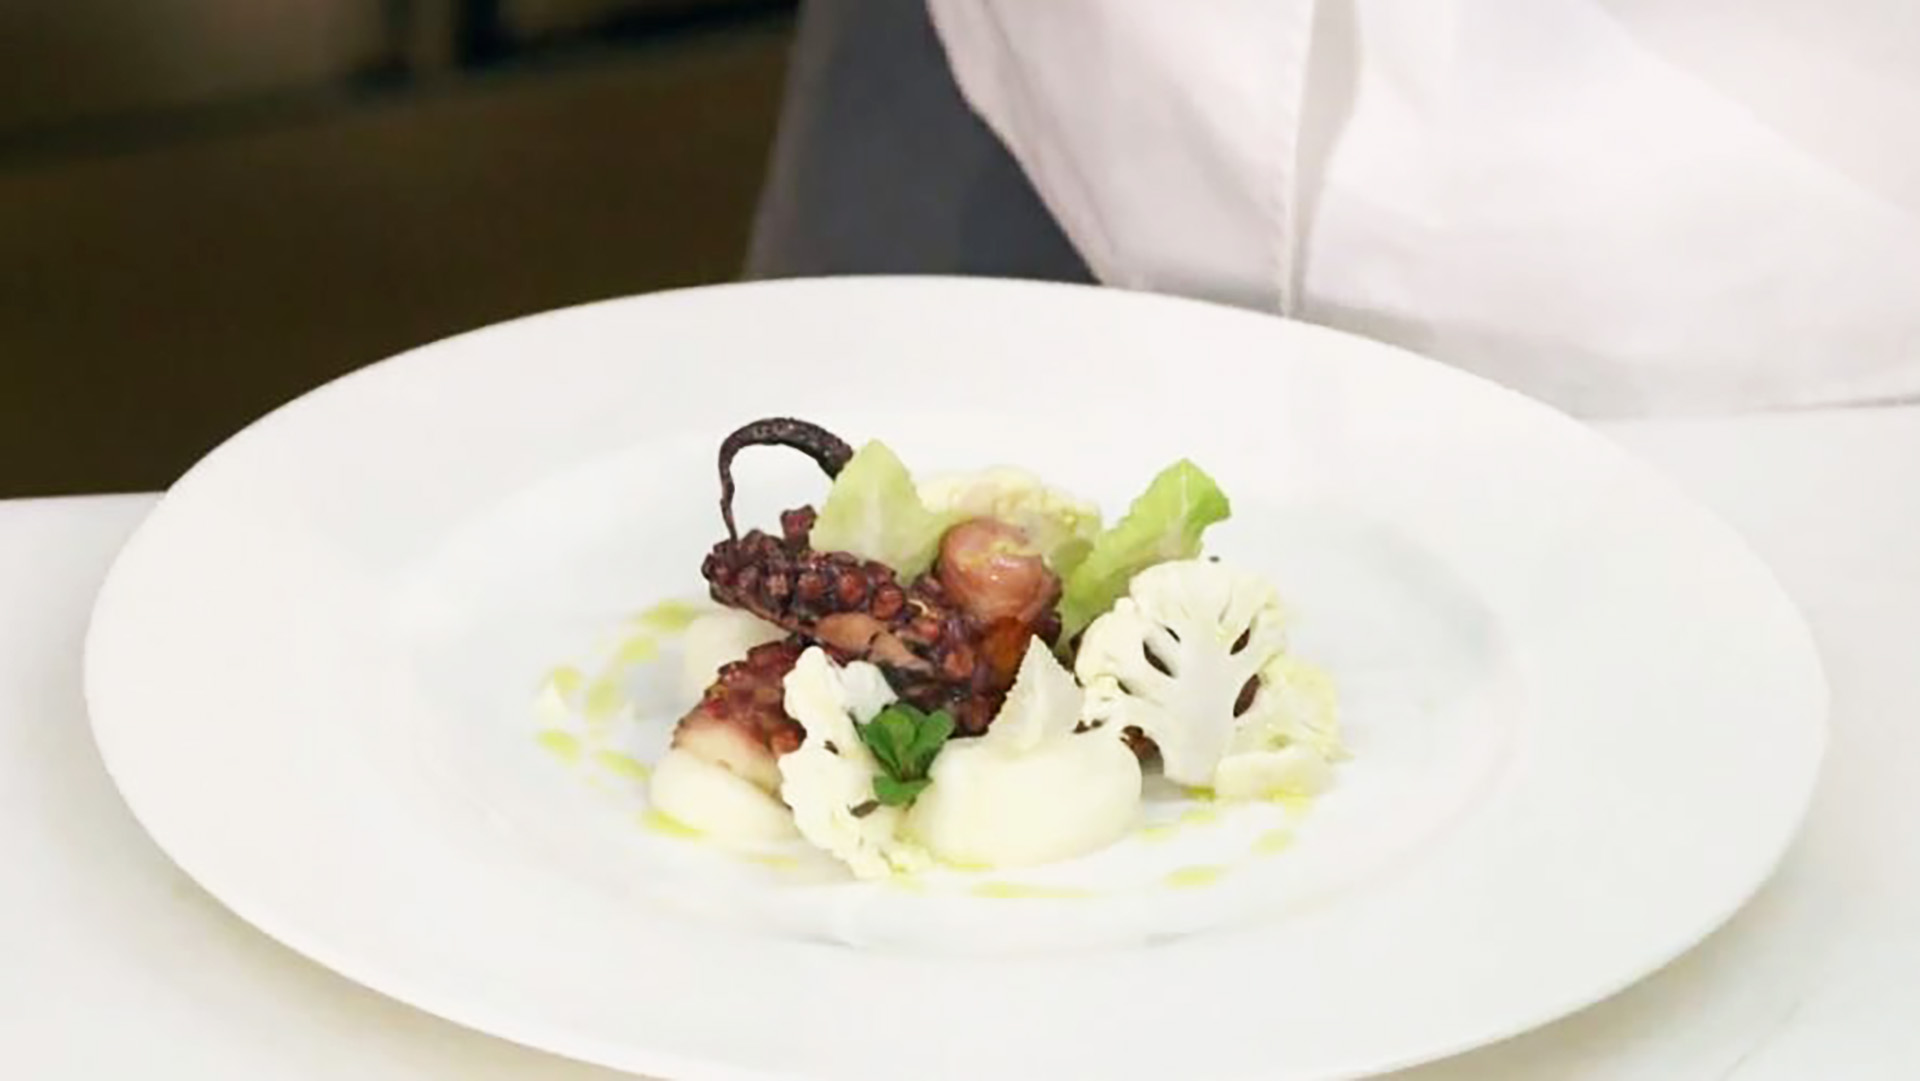 Cucine da incubo 3 ricette ricette popolari sito culinario - Ricette cucine da incubo ...